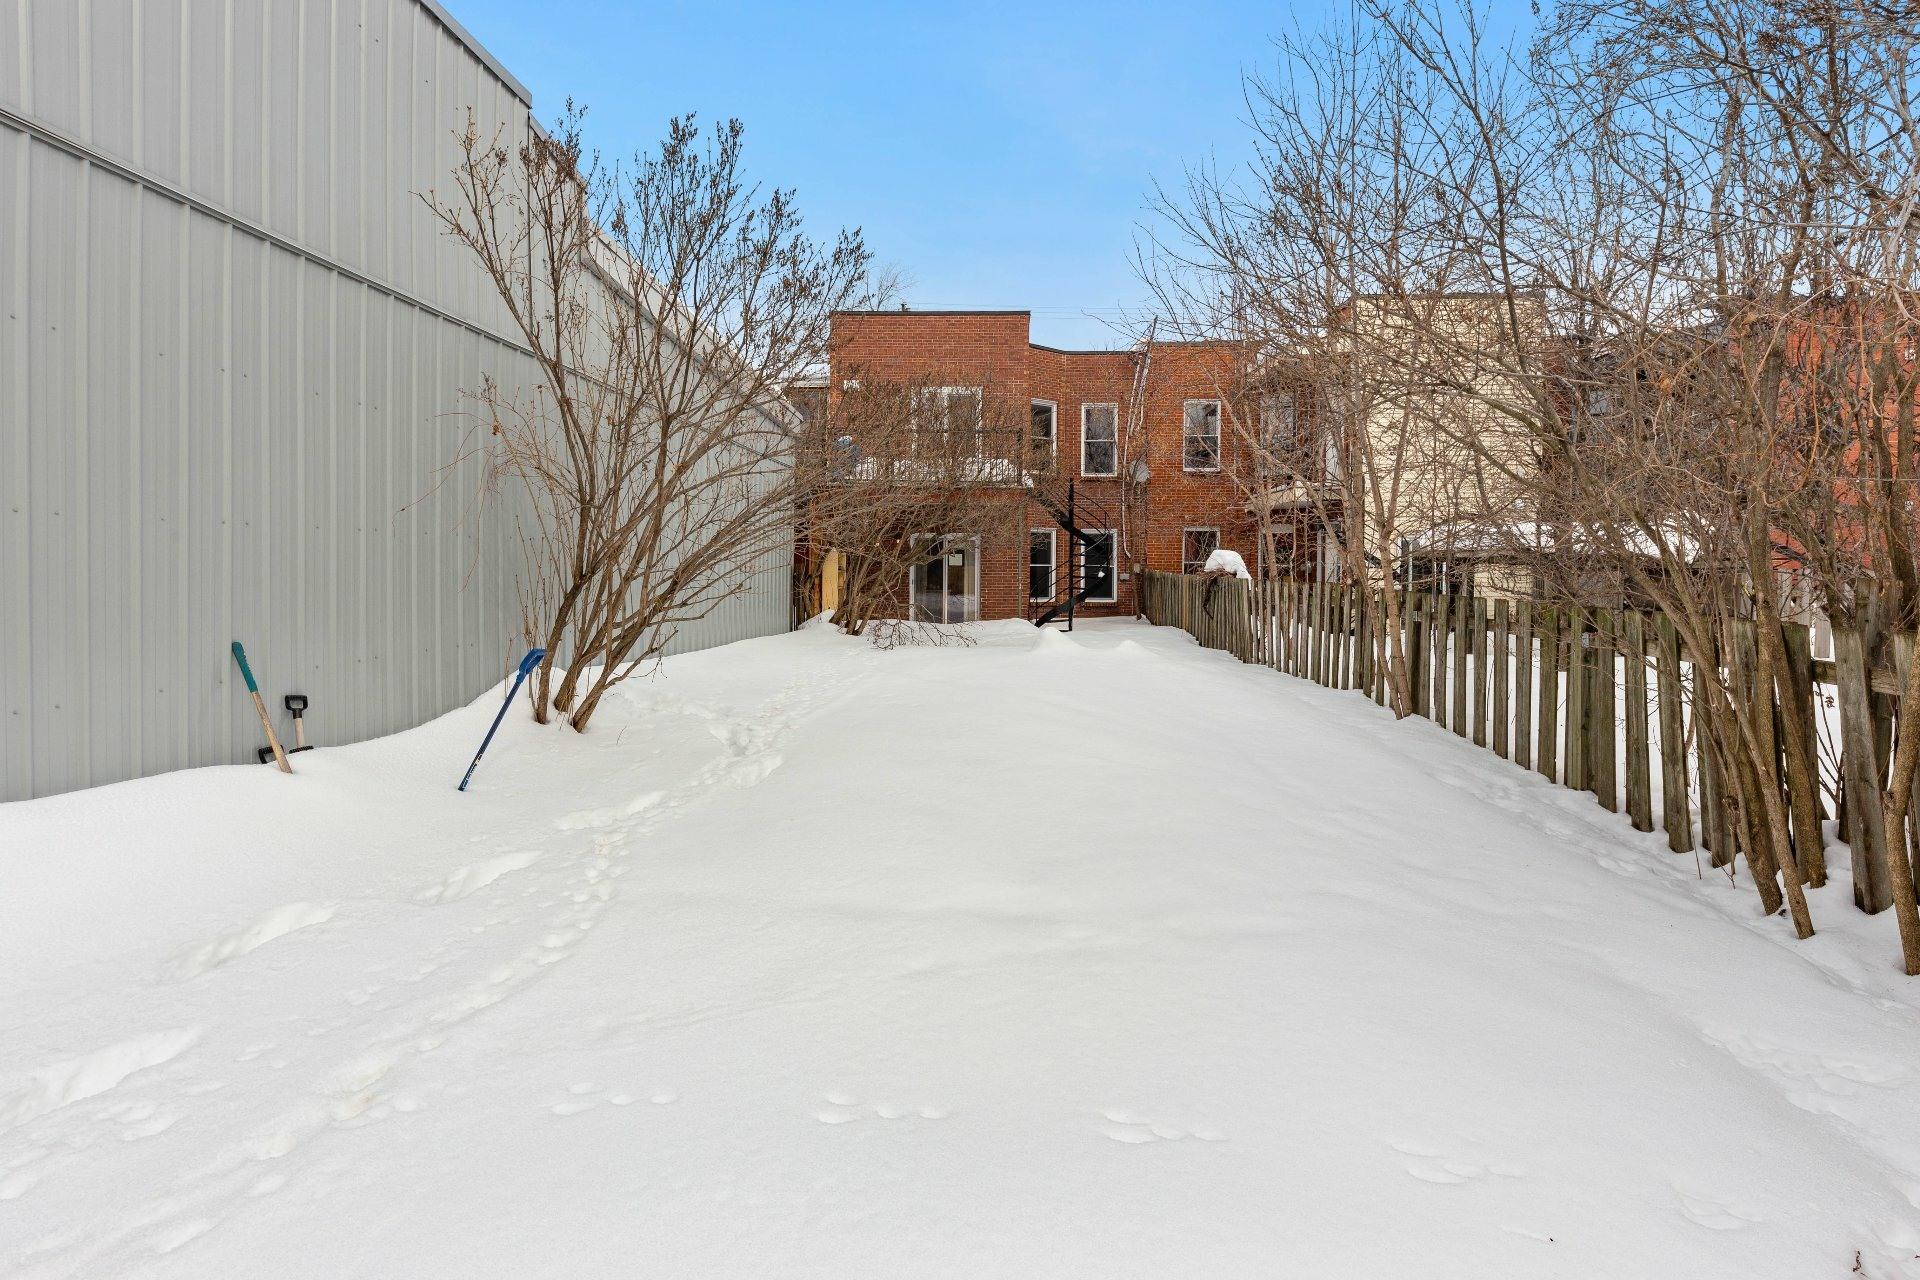 image 39 - Duplex For sale Le Plateau-Mont-Royal Montréal  - 5 rooms